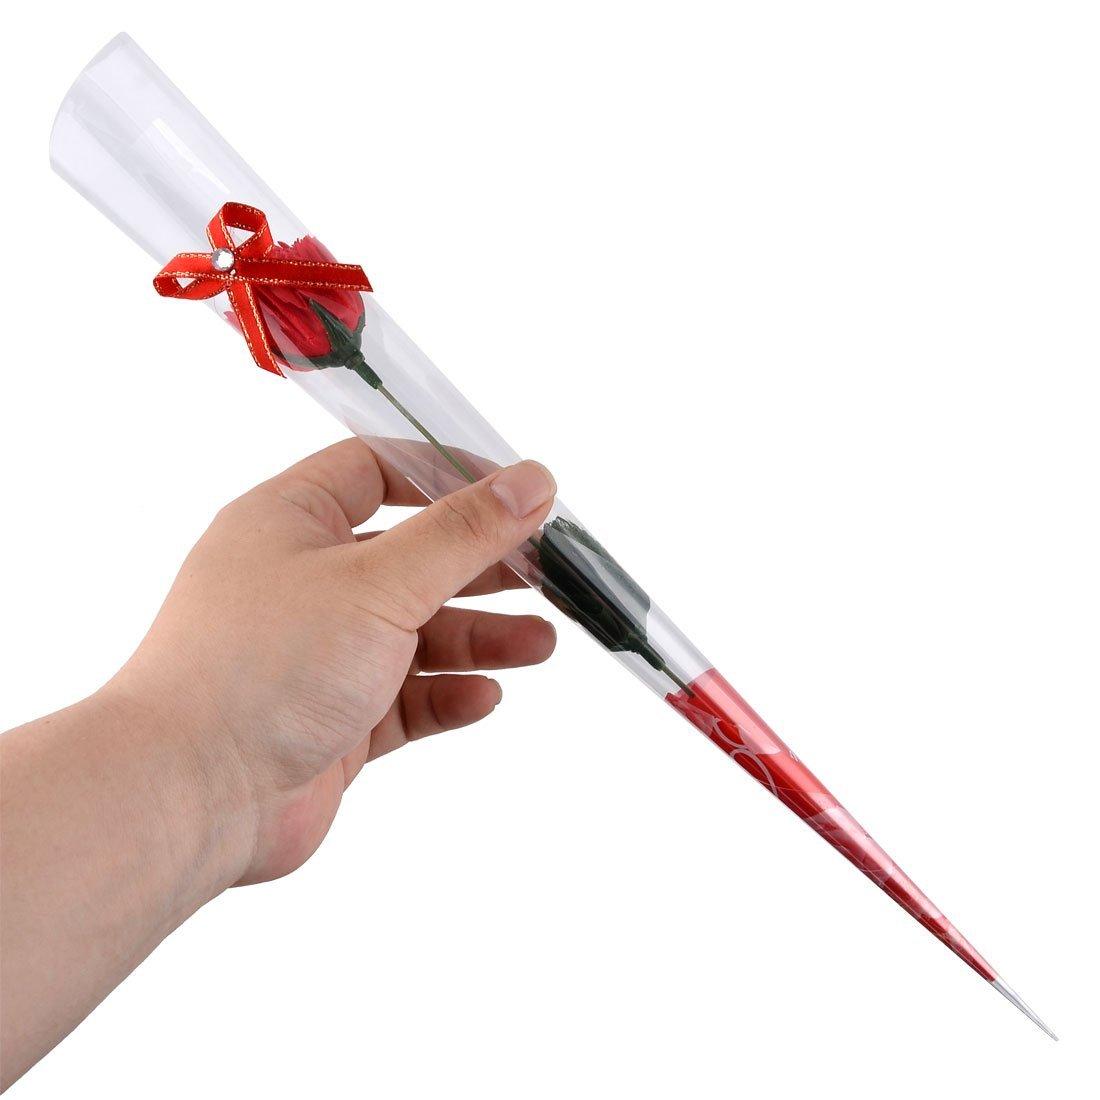 Amazon.com: eDealMax Diseño Jabón Regalo del recuerdo Artificial del pétalo del Clavel ramo de la Flor 3pcs Rojo: Home & Kitchen